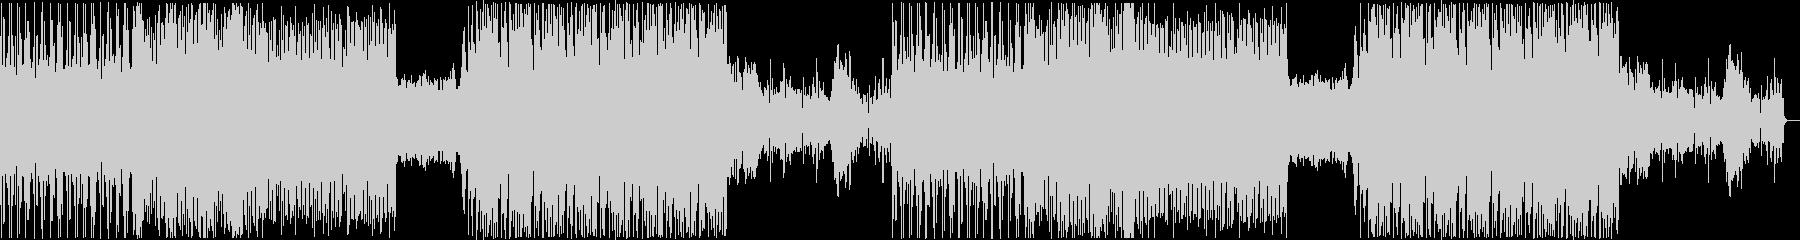 いろいろ使えるドラムンベースの未再生の波形